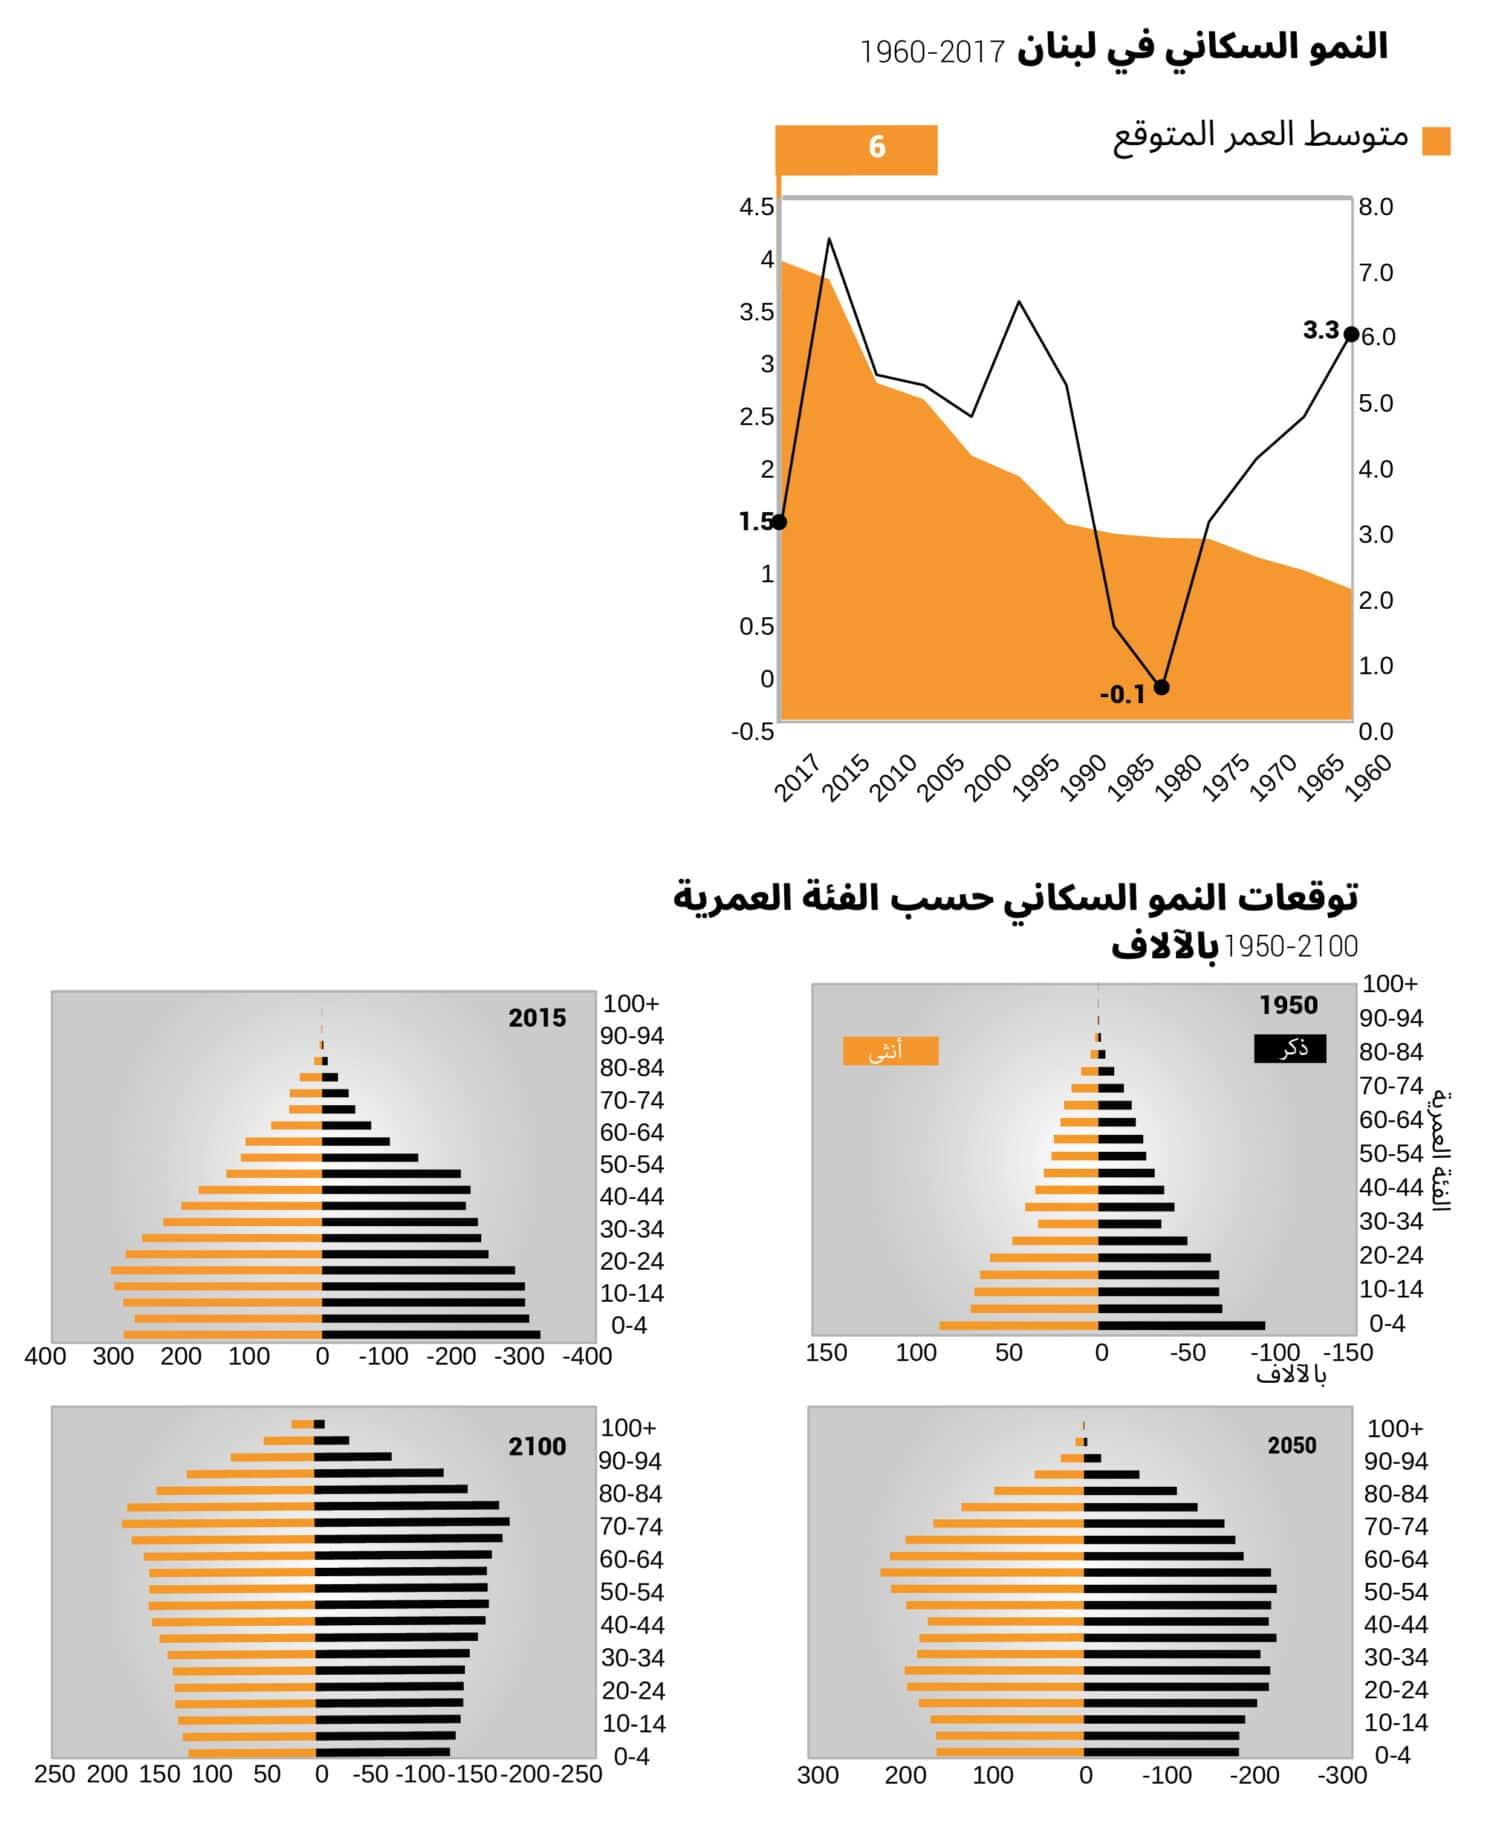 السكان في لبنان